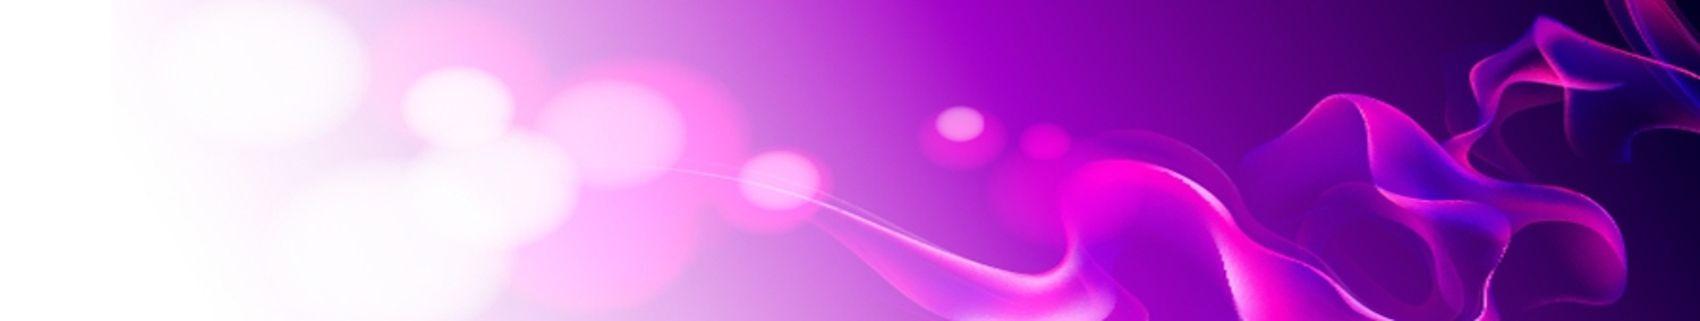 абстракция волны малиновый фиолетовый цвет